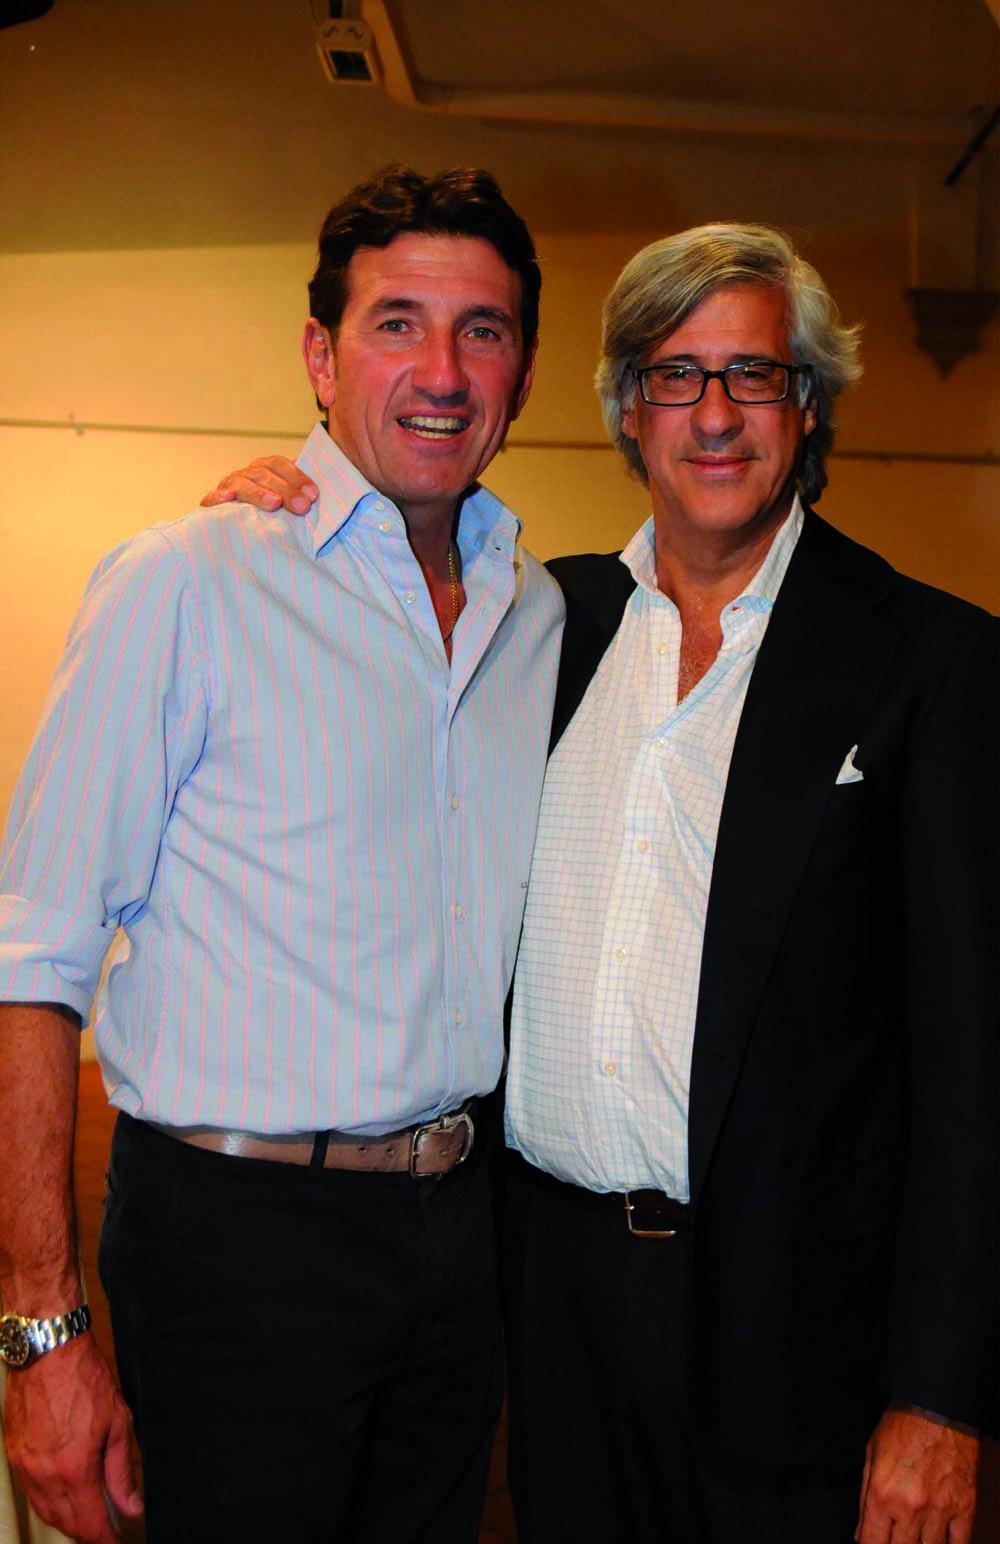 Pressphoto, Firenze Magazine, Serata Piccini al Convitto della Calza,: Giovanni Galli, Sandro Fratini